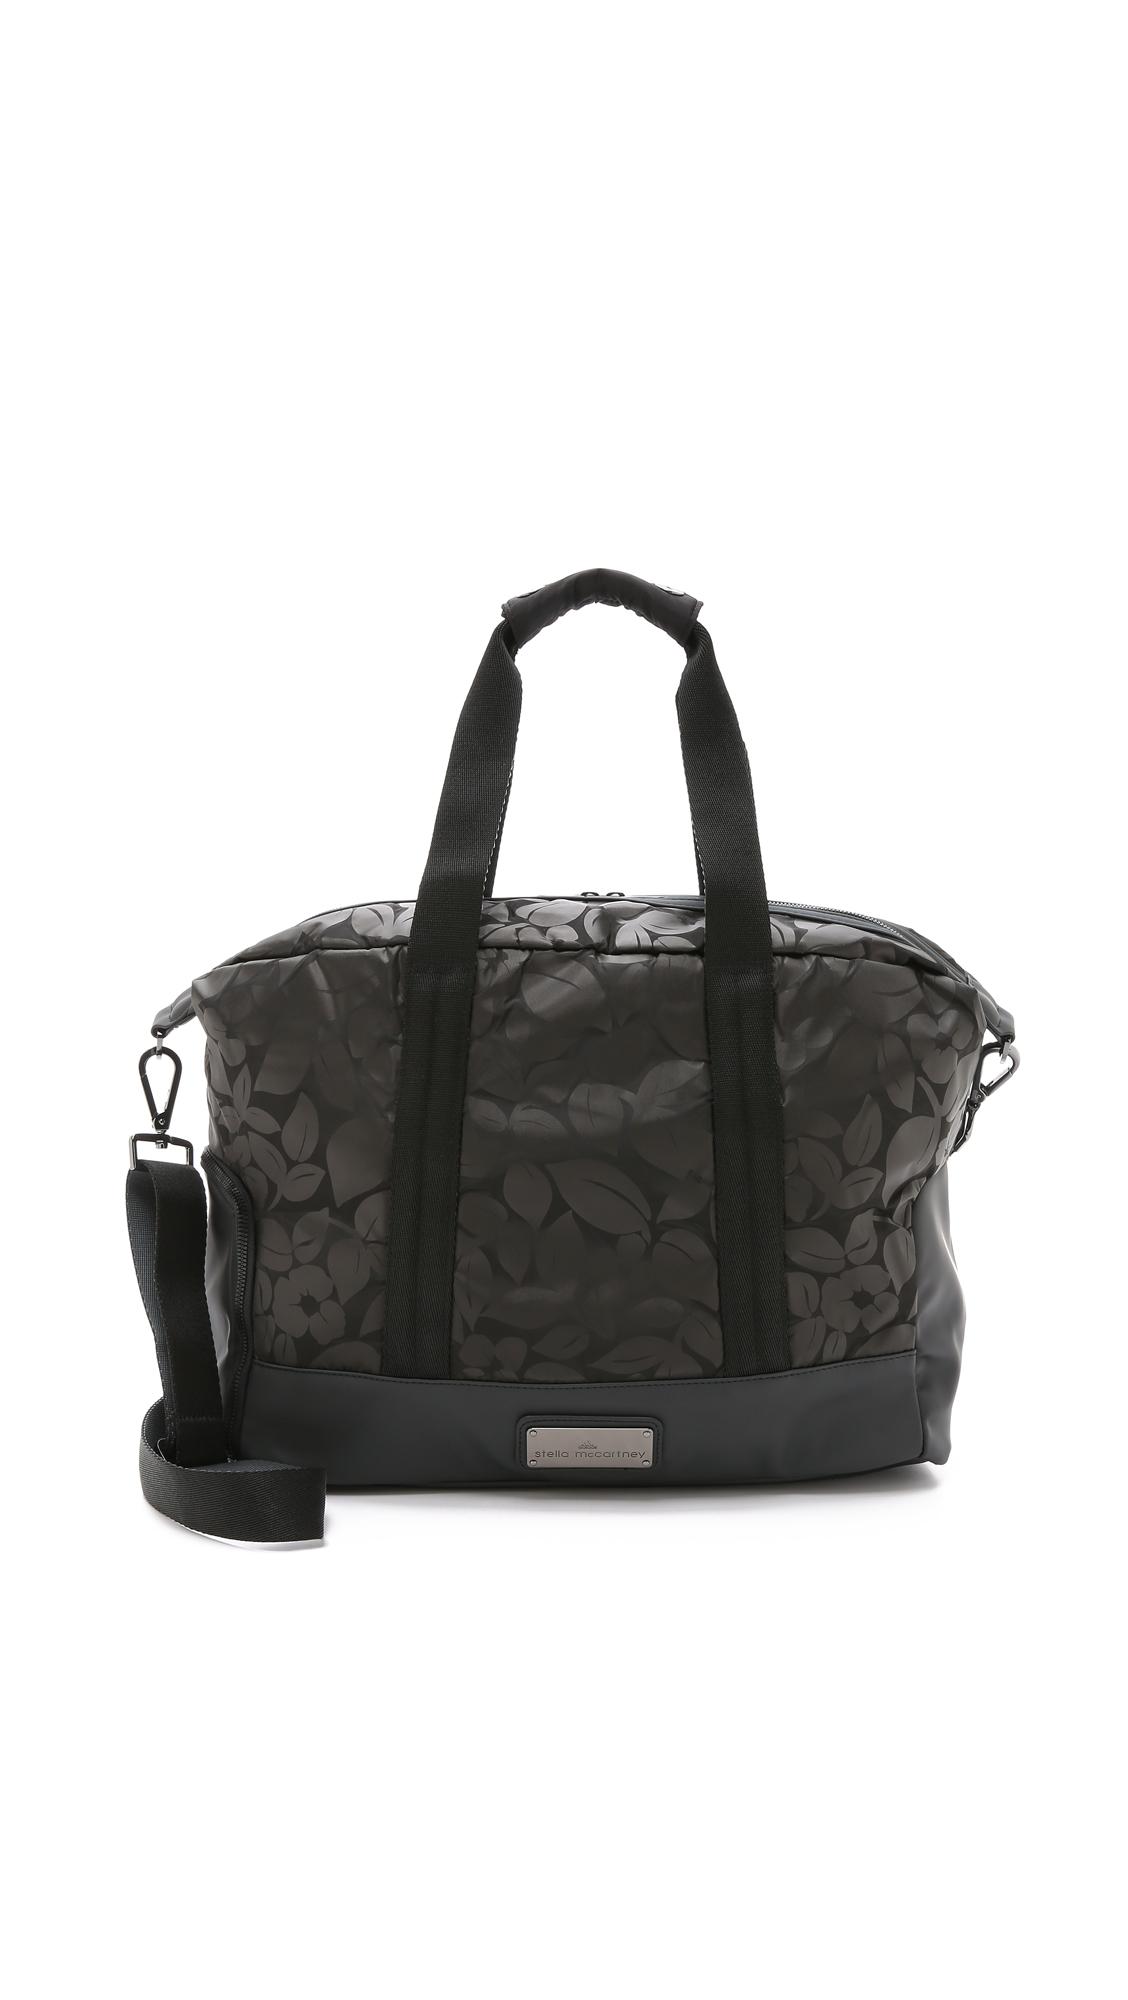 948235e84c Lyst - adidas By Stella McCartney Small Gym Bag - Black gunmetal in ...